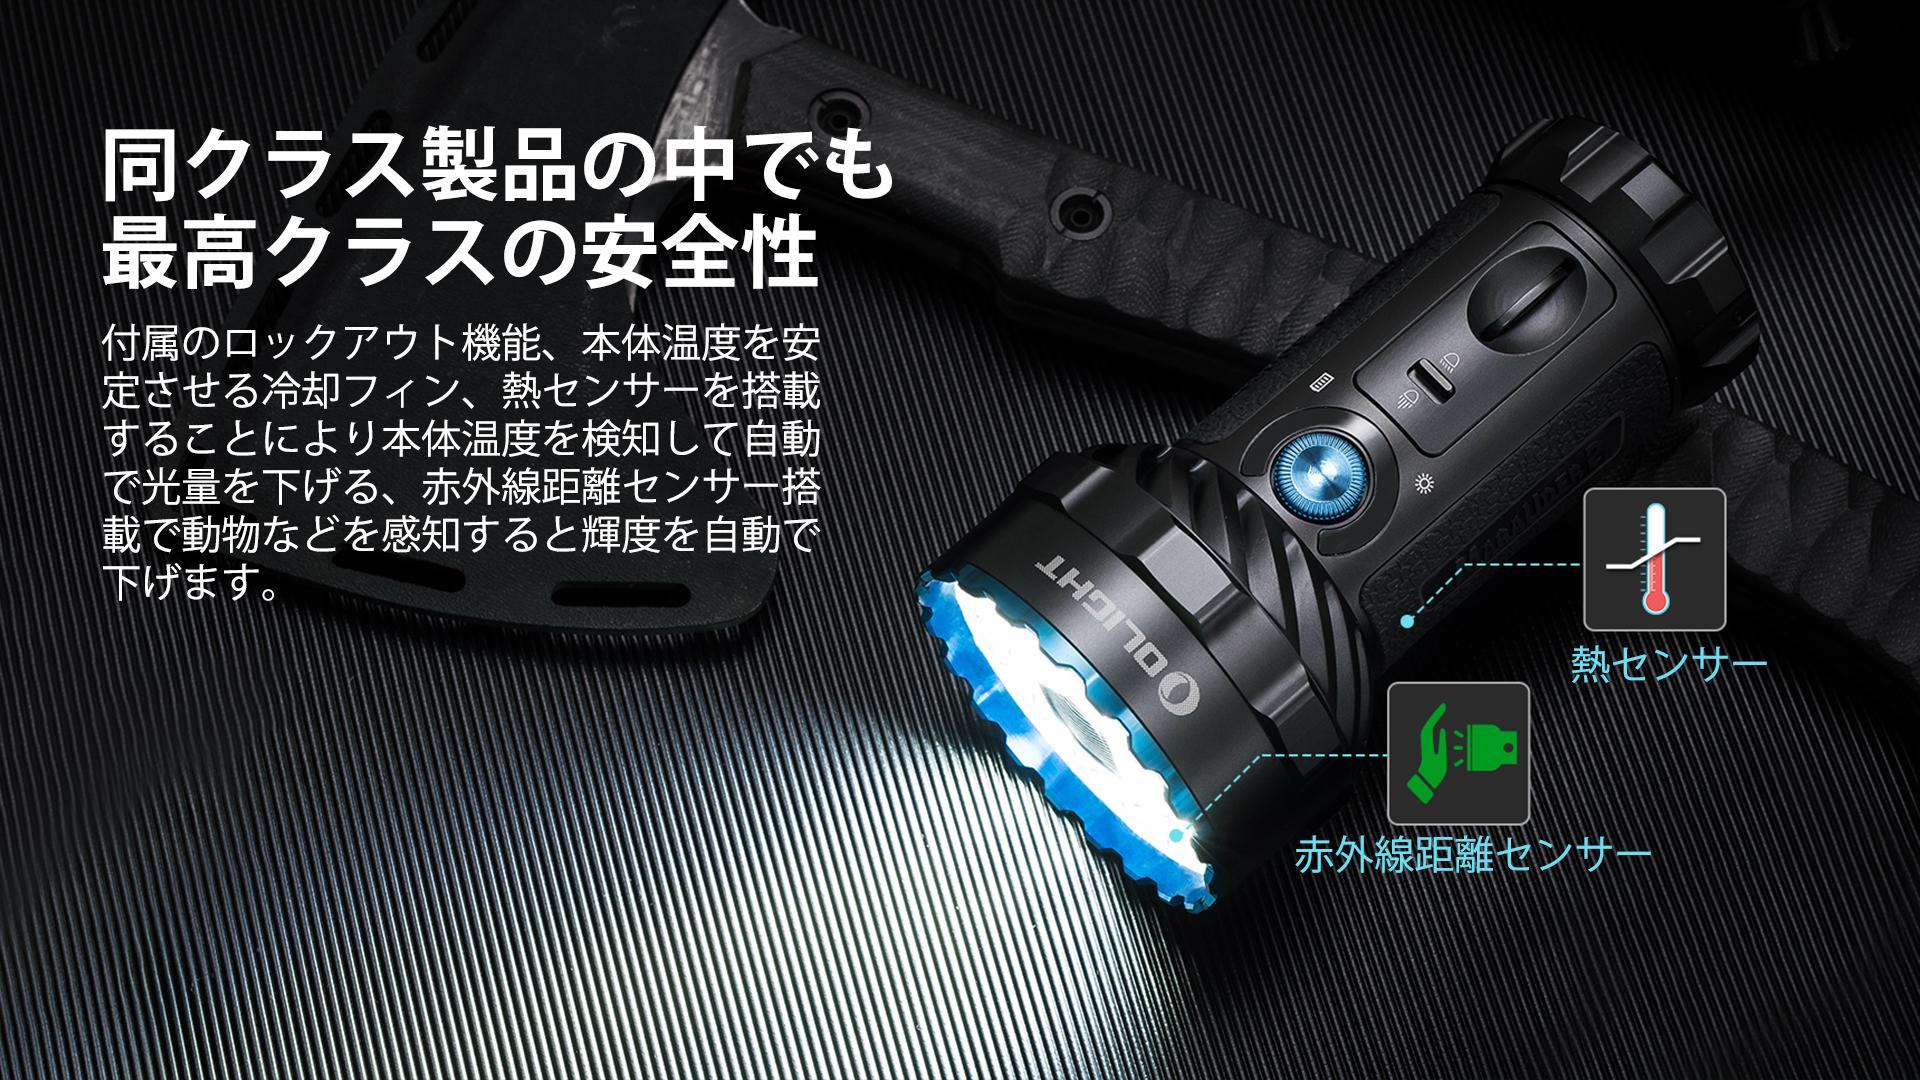 Marauder2は、Olight独自のロータリースイッチを使用した超高輝度懐中電灯で、屋外キャンプ、釣り道具、家庭用防災アイテムに適した強力な機能を備えています。